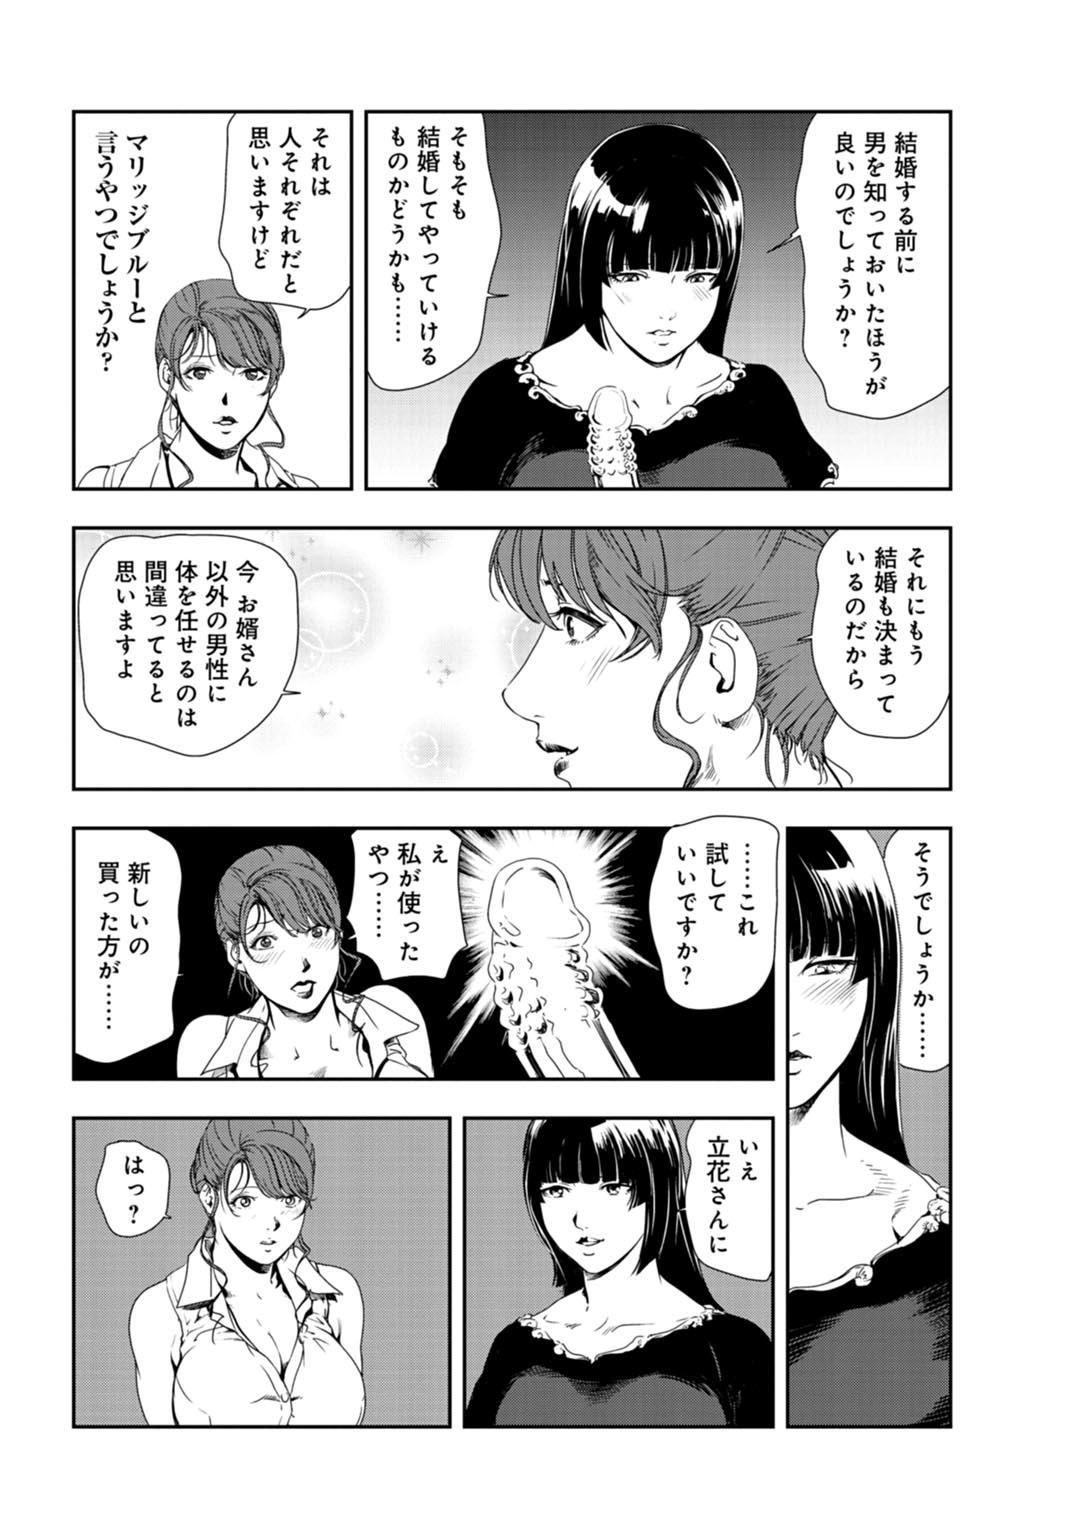 Nikuhisyo Yukiko 26 38